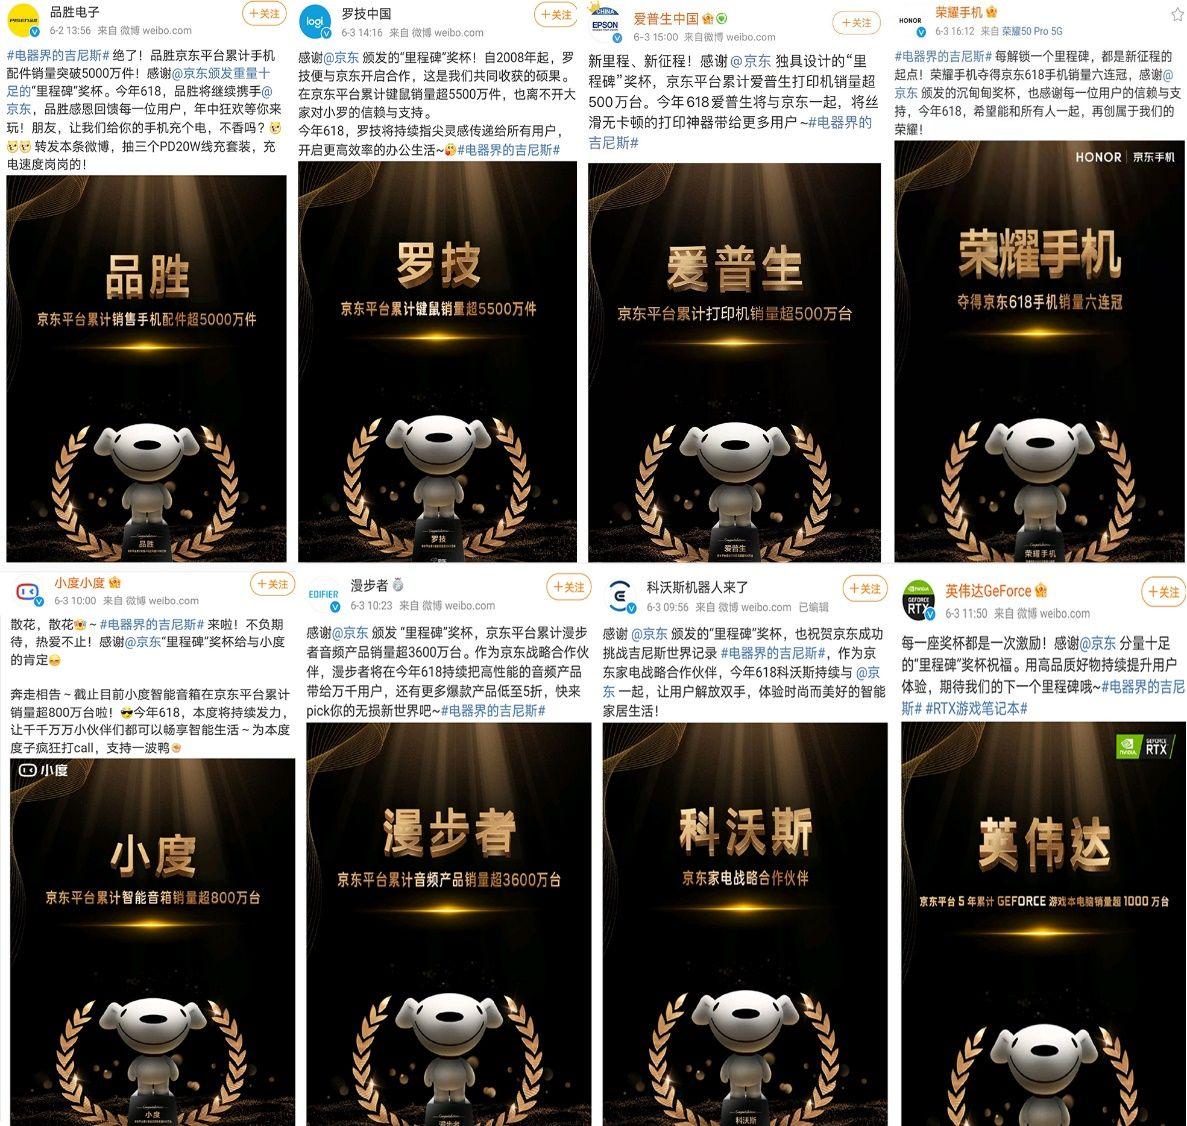 """小米、科沃斯、英伟达等大牌在京东618迎来""""里程碑""""时刻"""